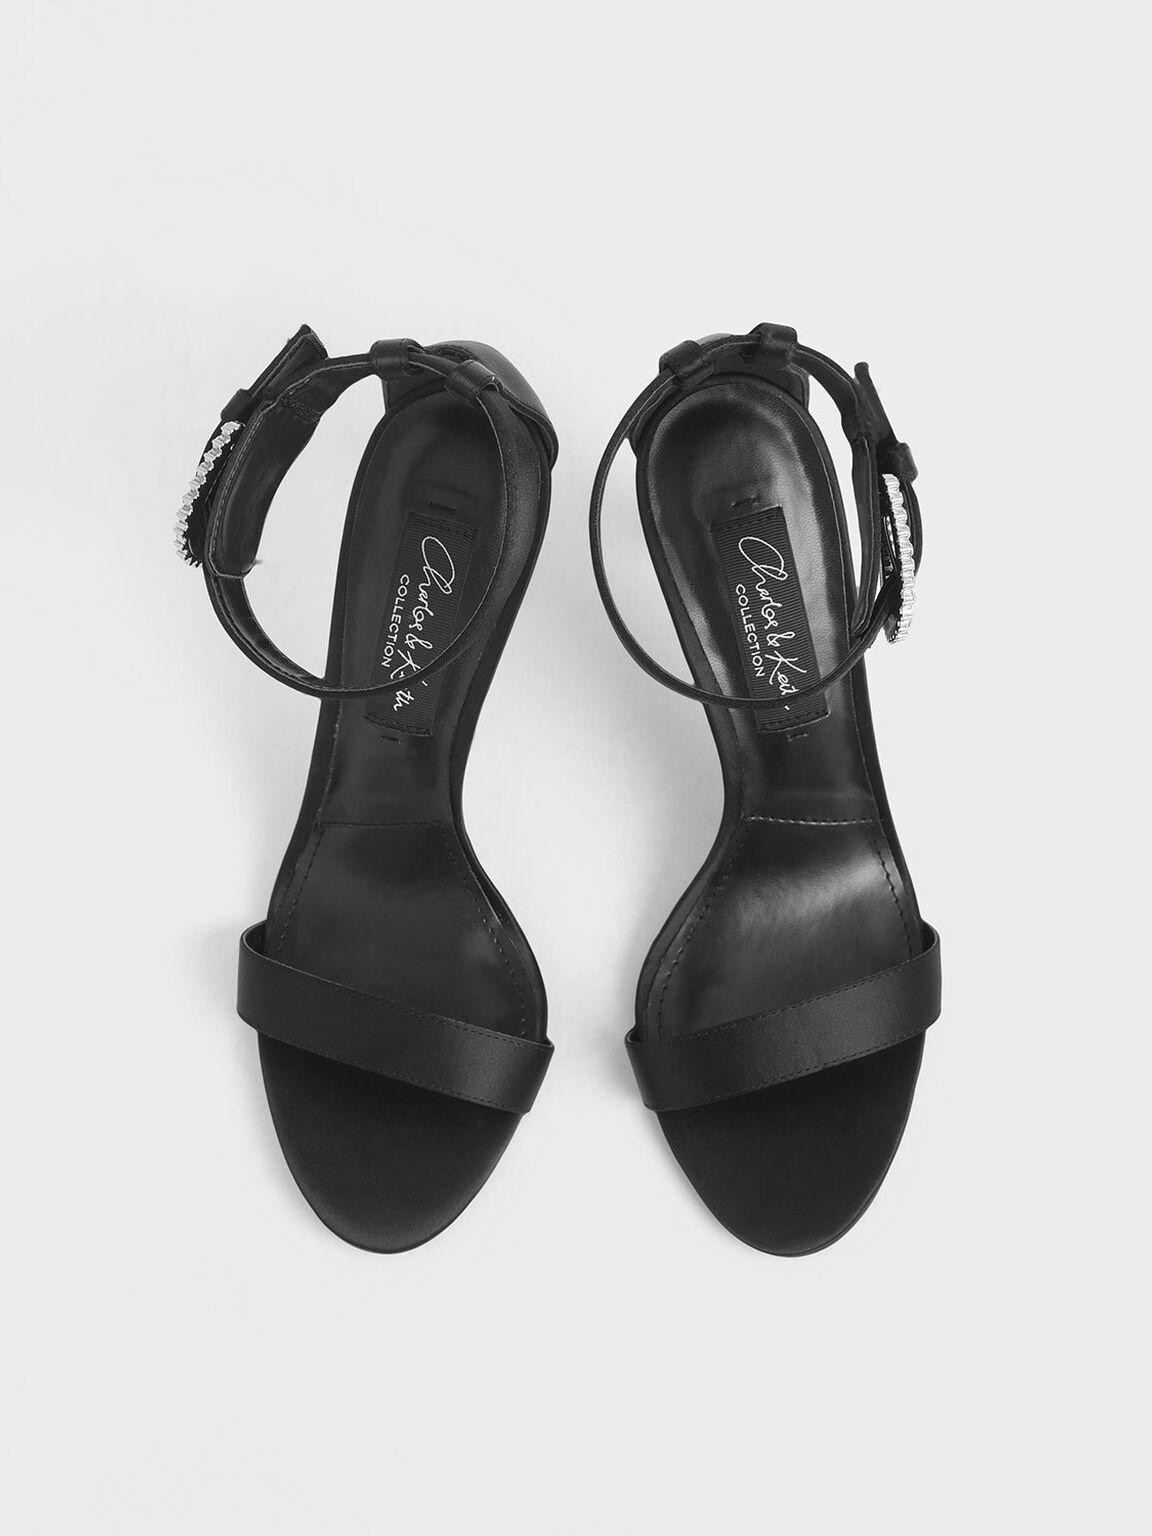 Satin Embellished Buckle Stiletto Heels, Black, hi-res